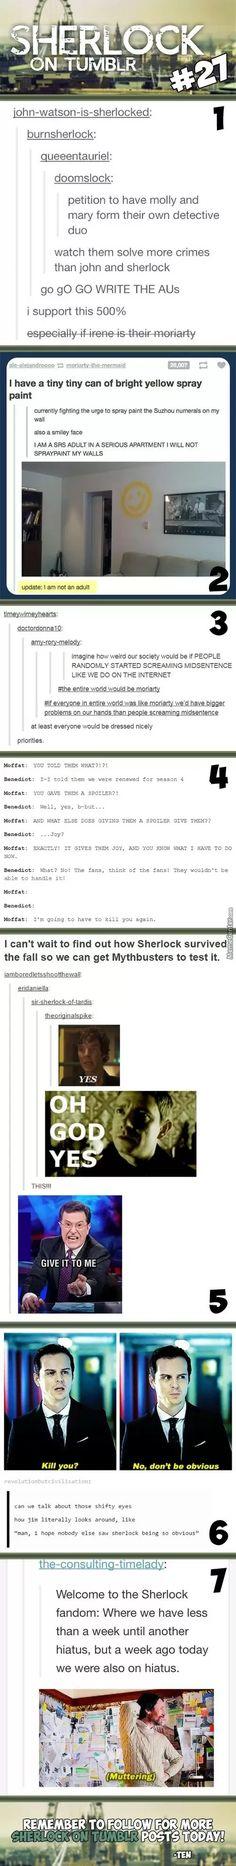 Sherlock On Tumblr #27